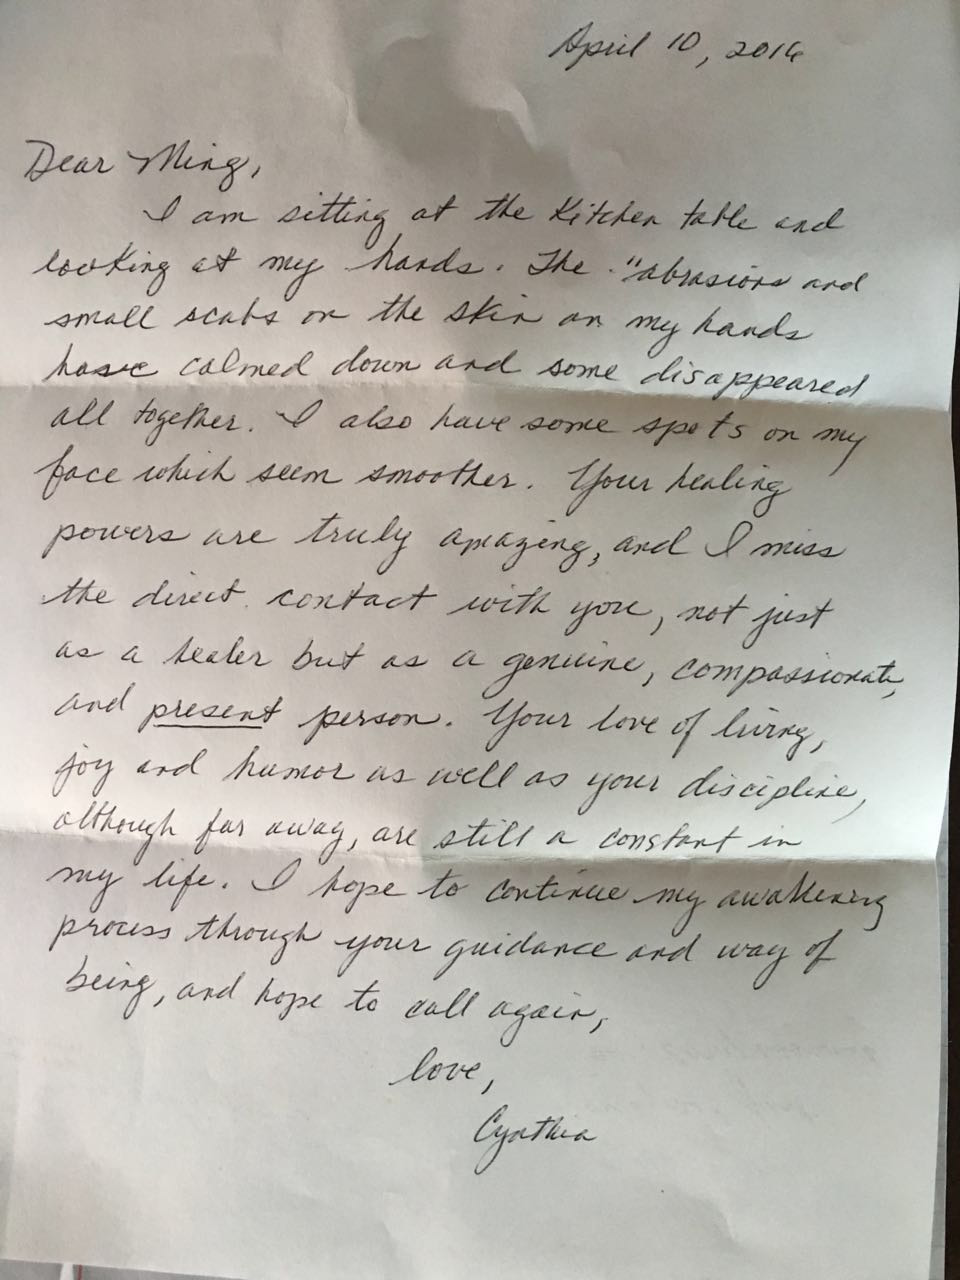 Cynthia给Ming的信.jpg